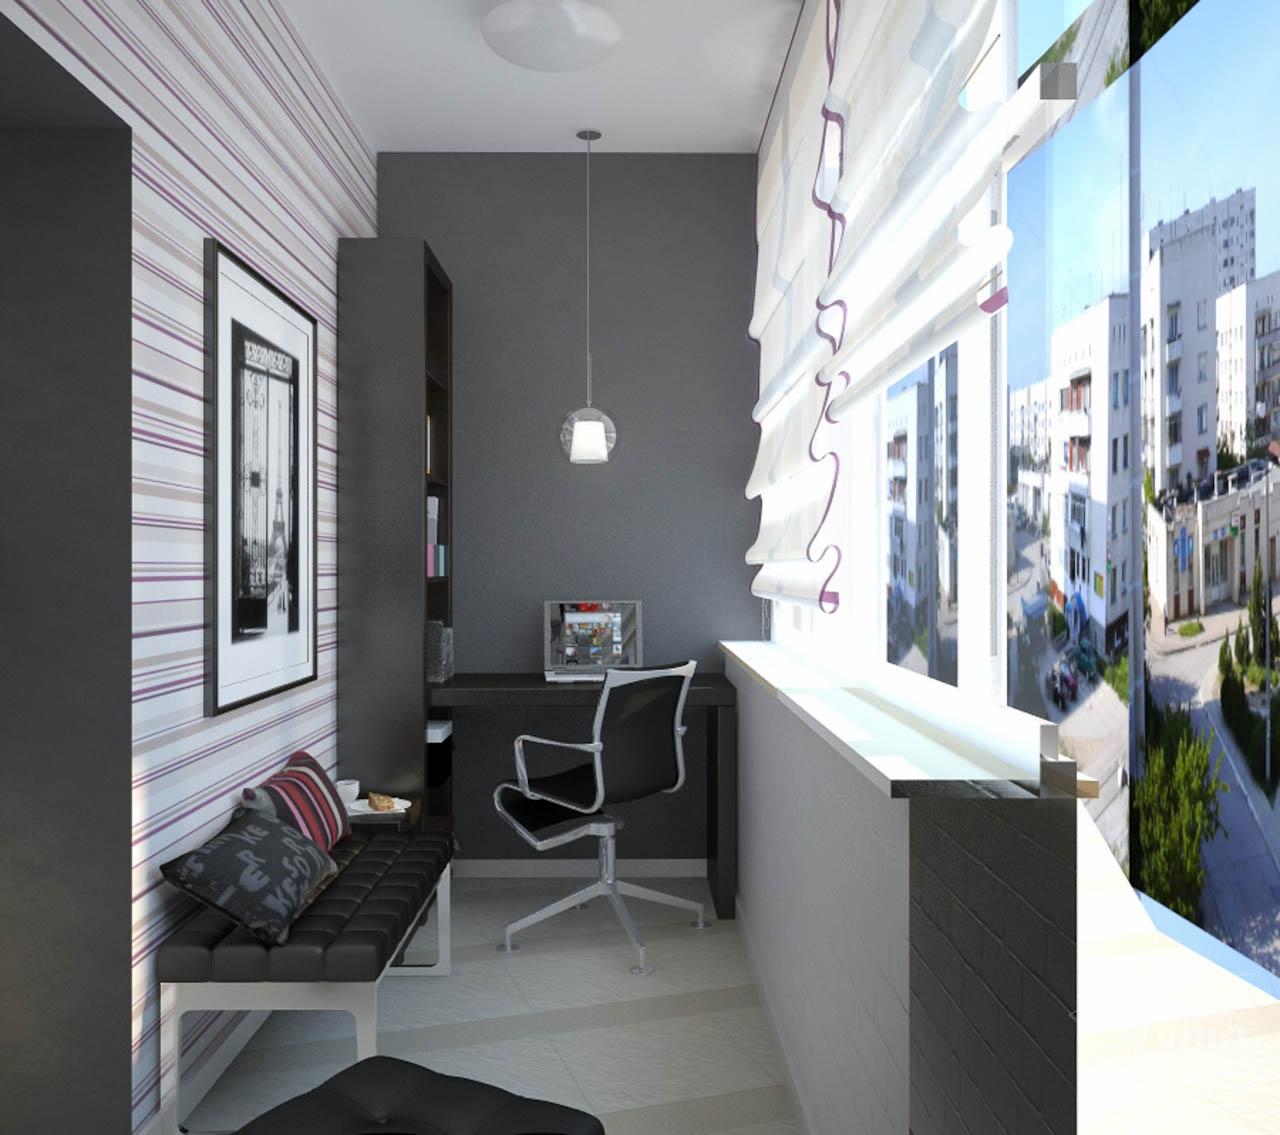 Дизайн интерьера и ремонт трехкомнатной квартиры по ул. Попова 33а img816612989